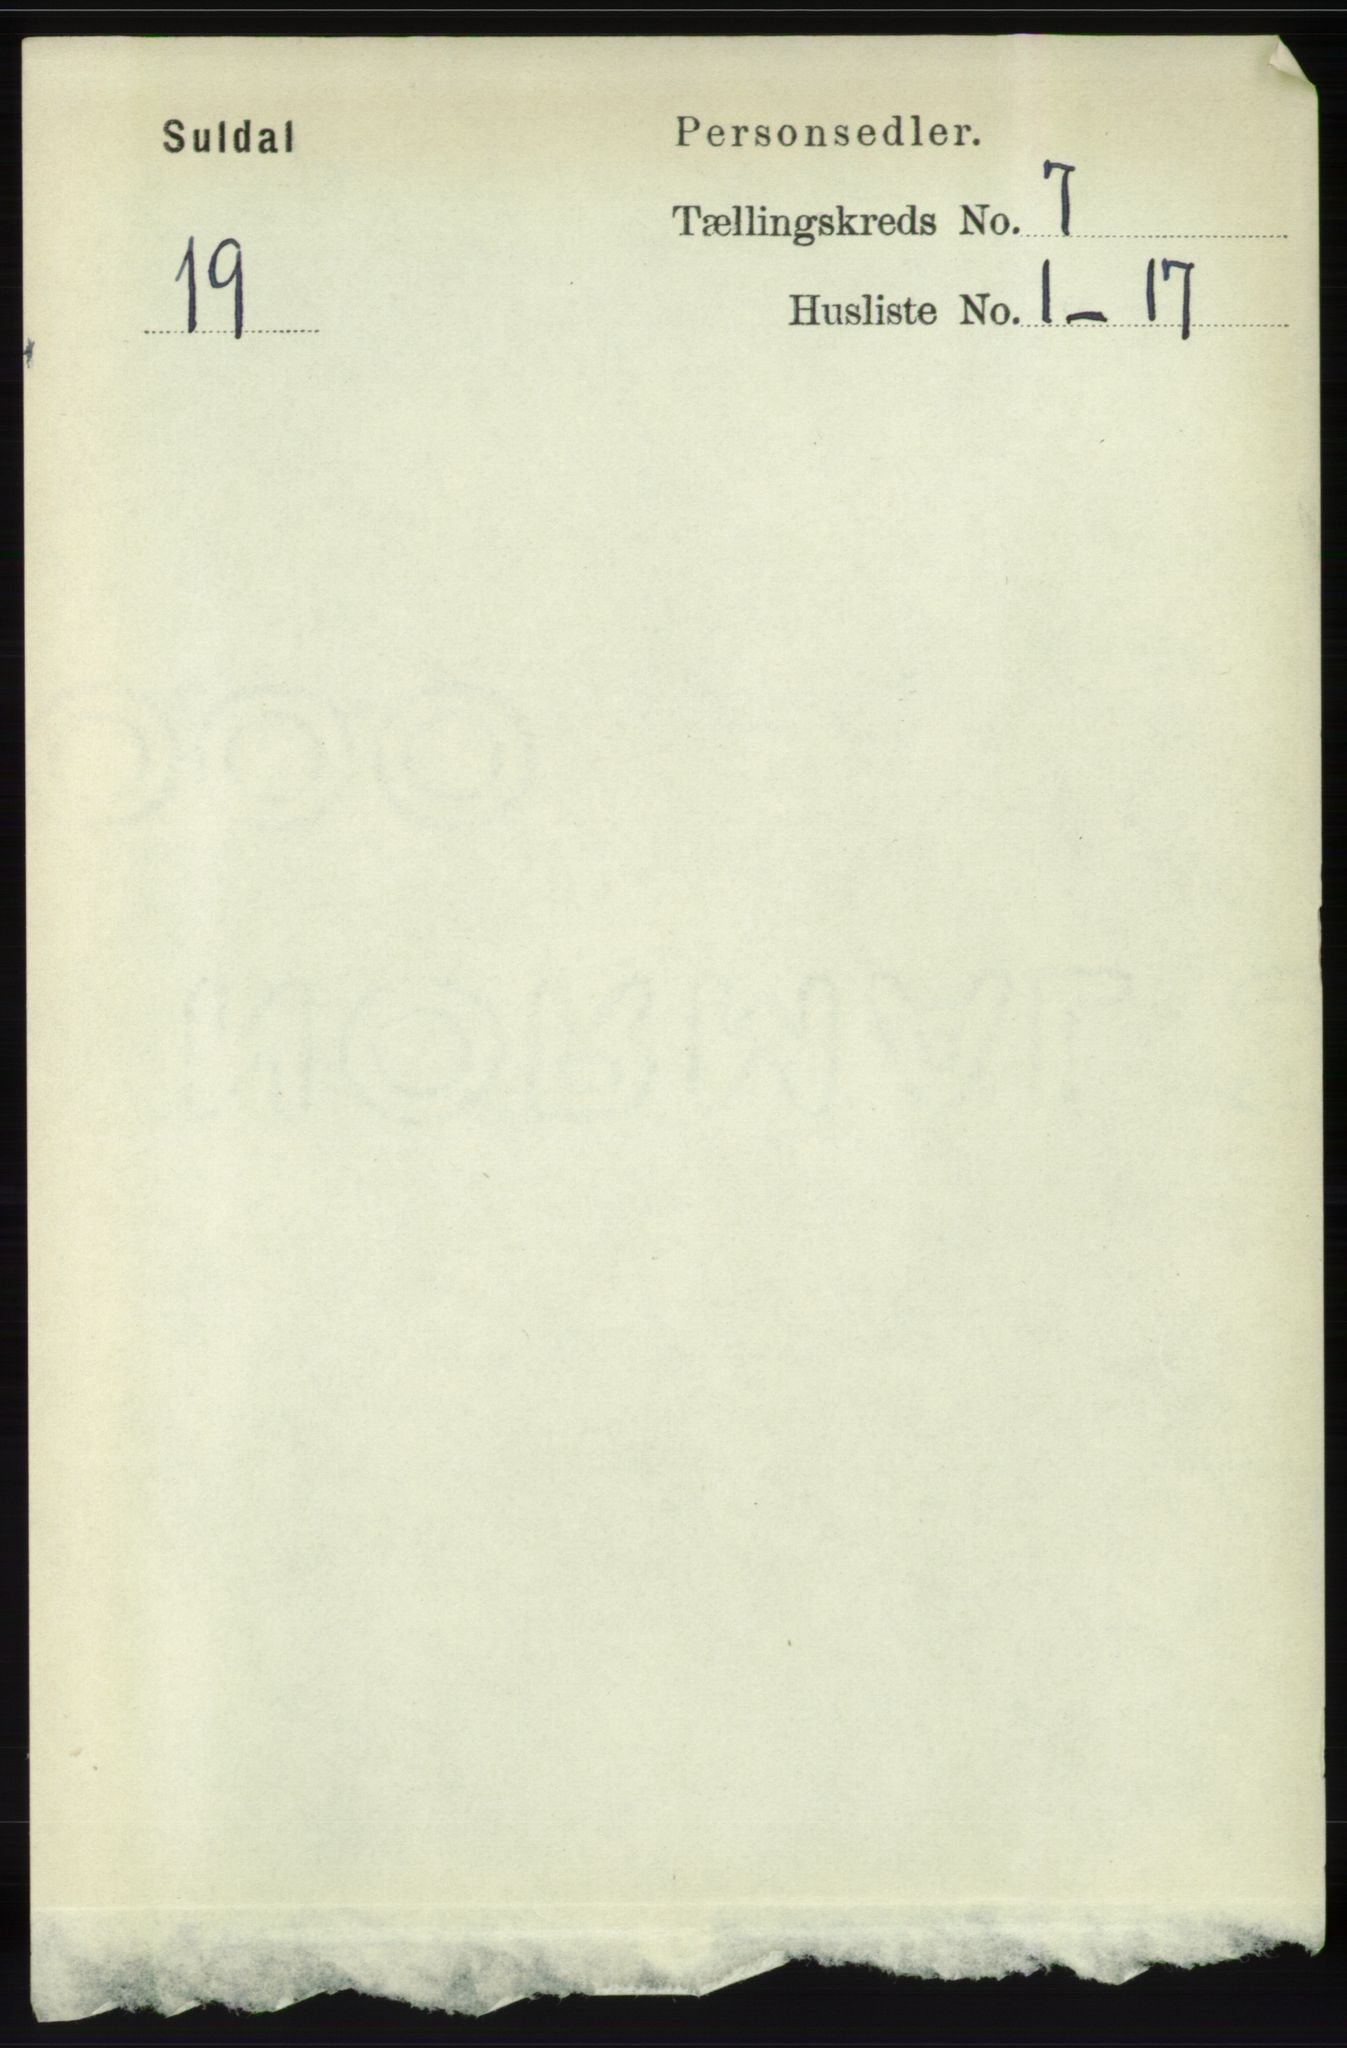 RA, Folketelling 1891 for 1134 Suldal herred, 1891, s. 1982